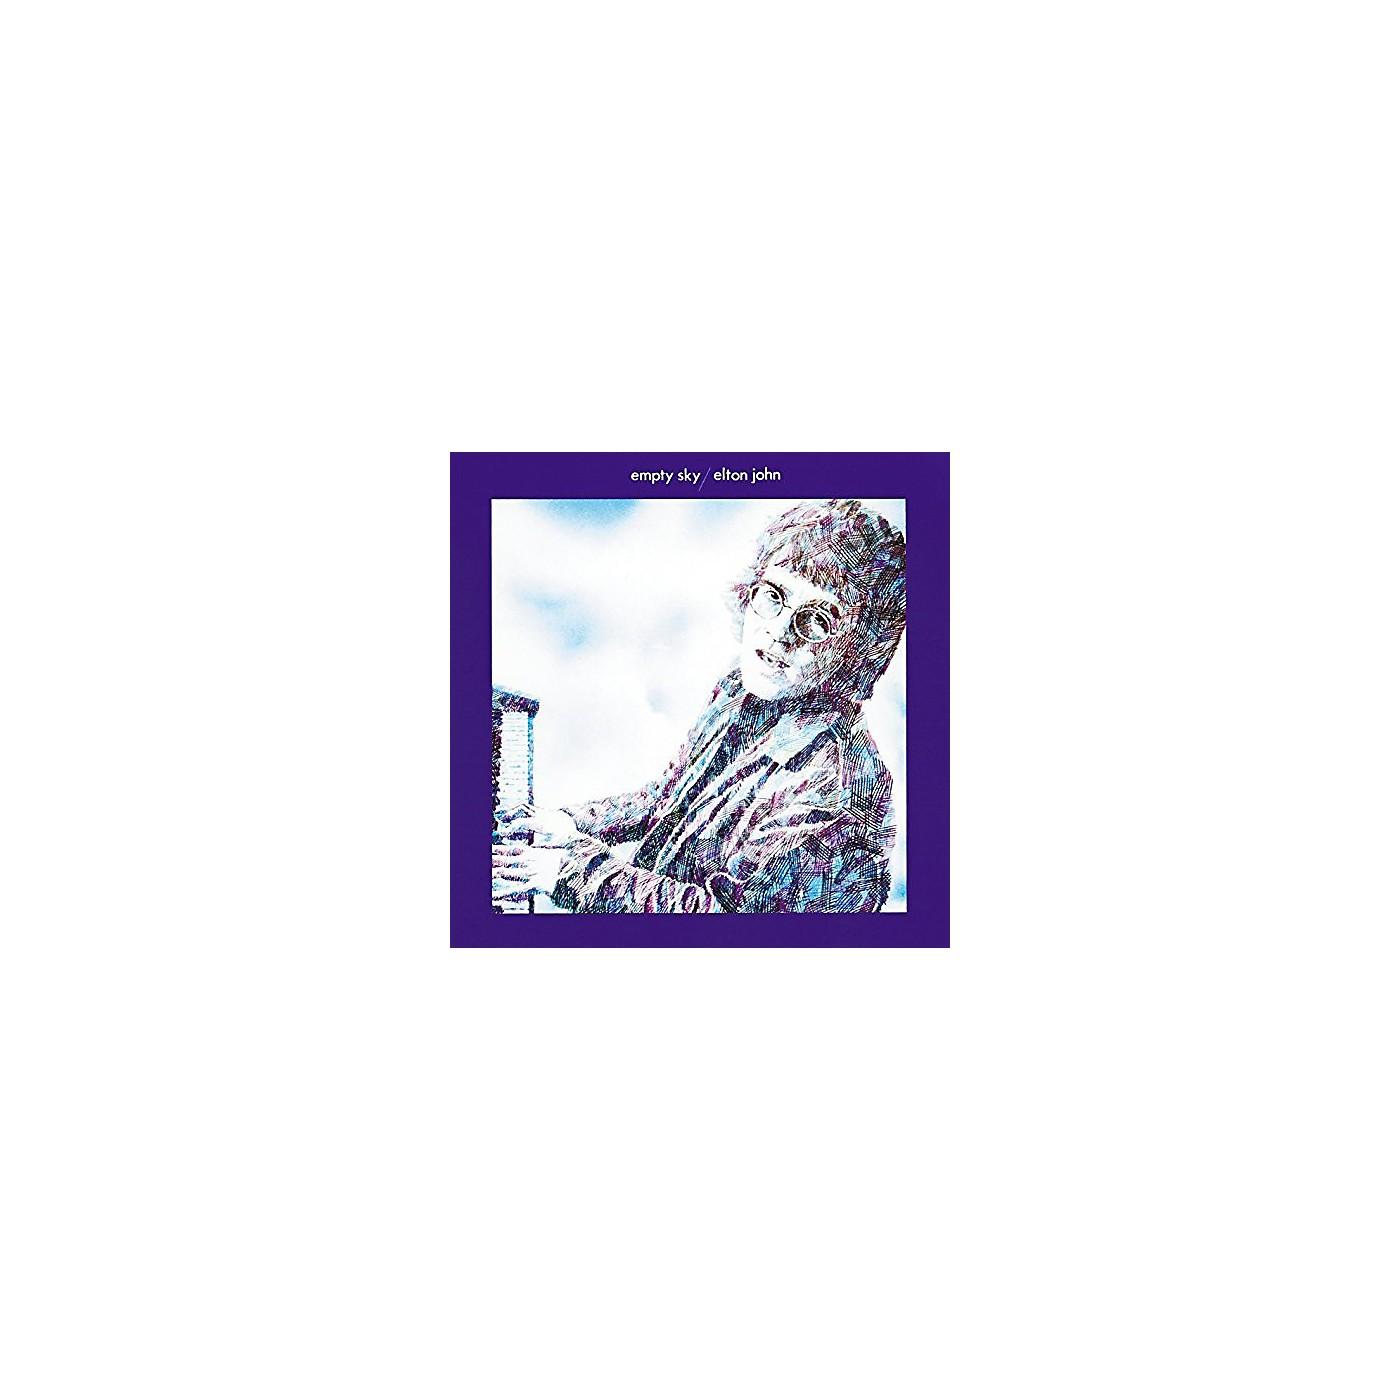 Alliance Elton John - Empty Sky thumbnail